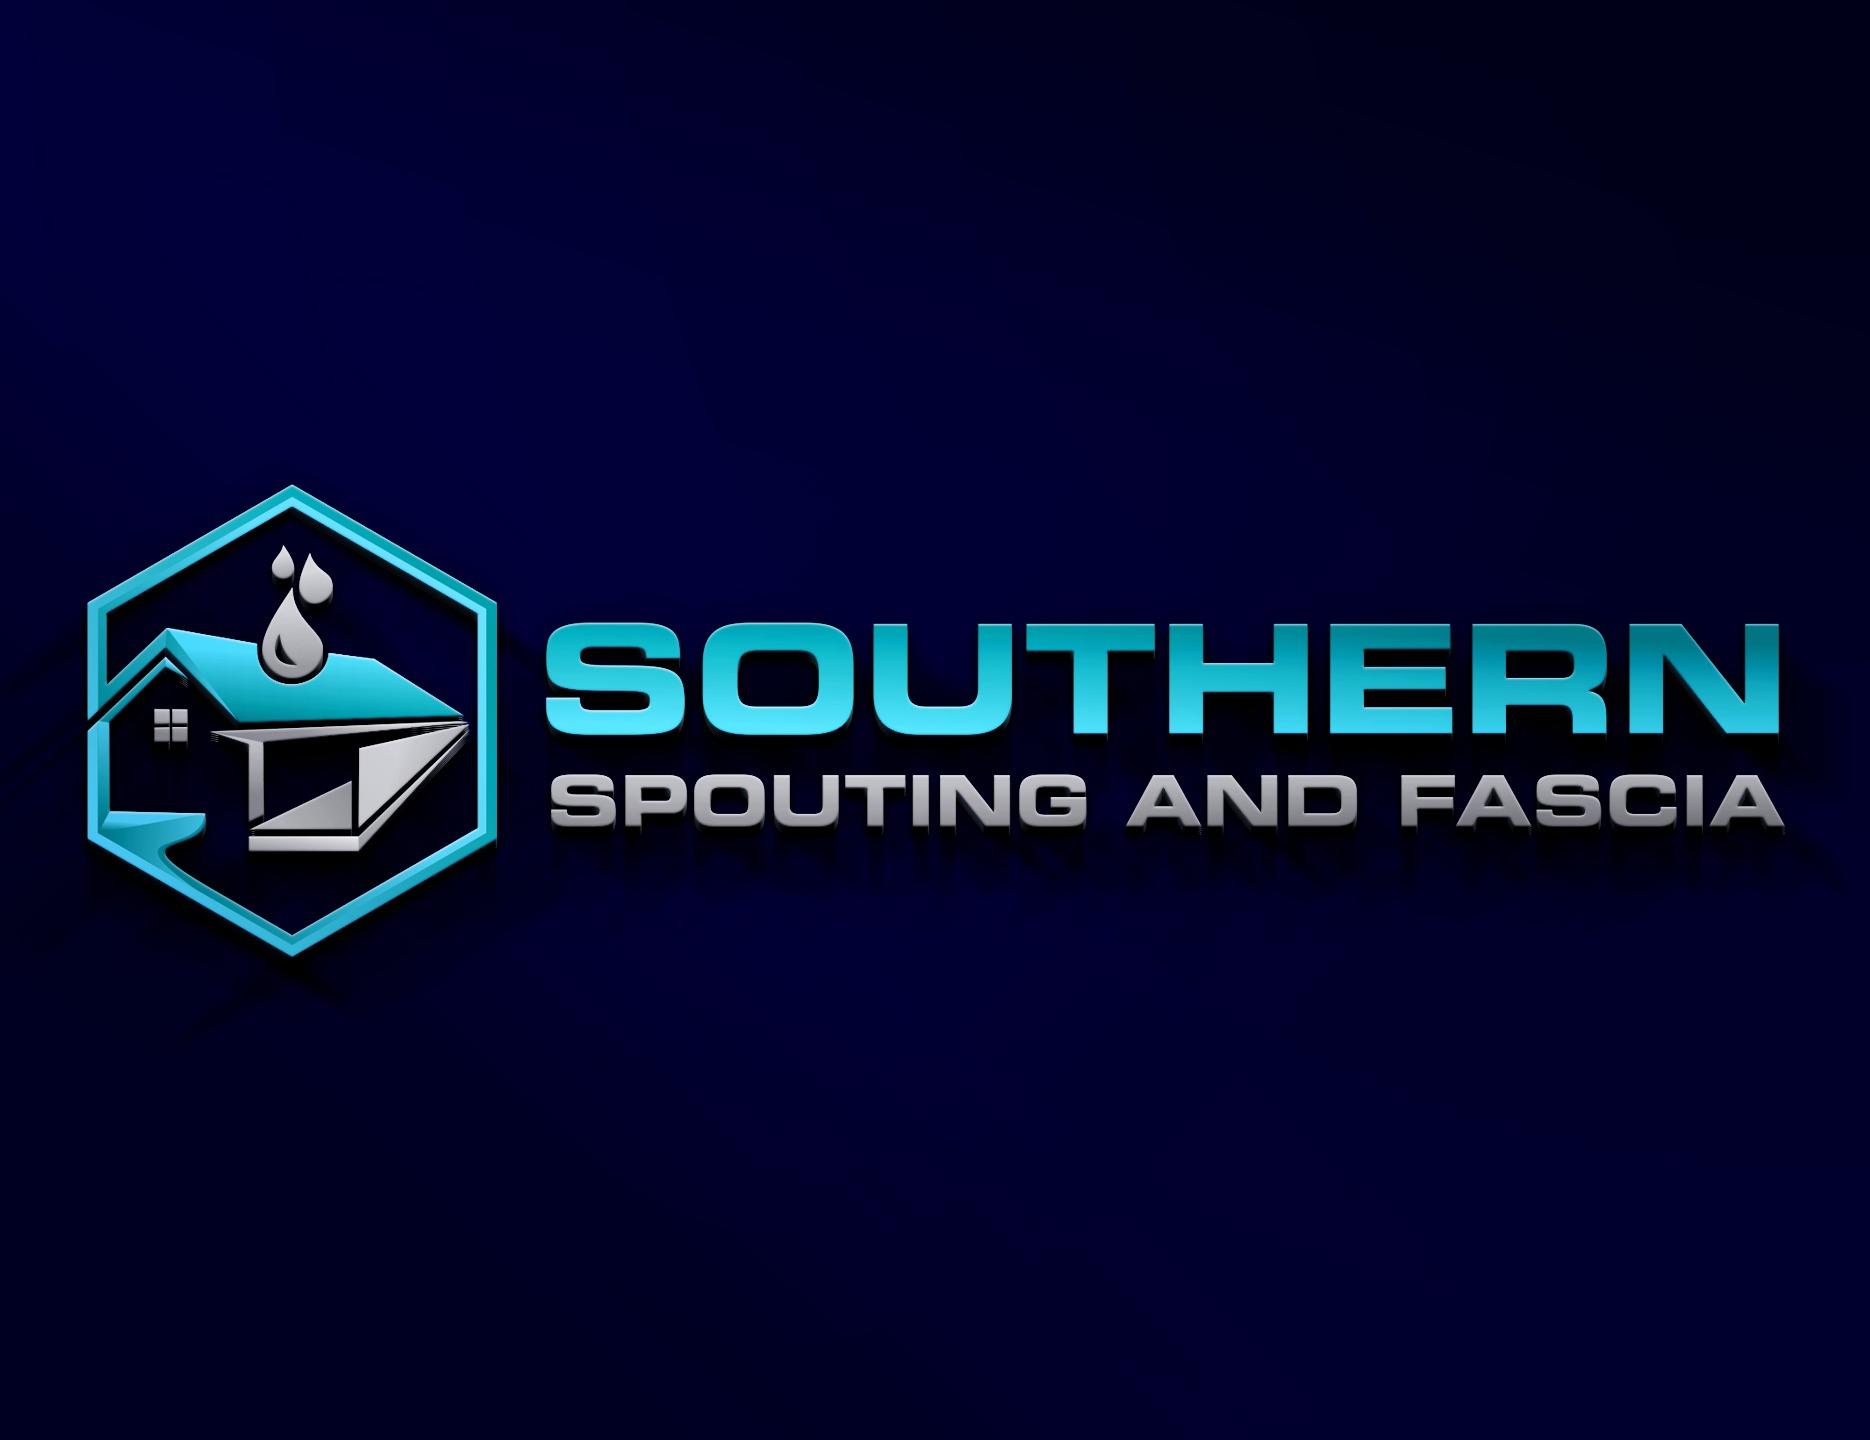 Southern Spouting and Fascia Ltd